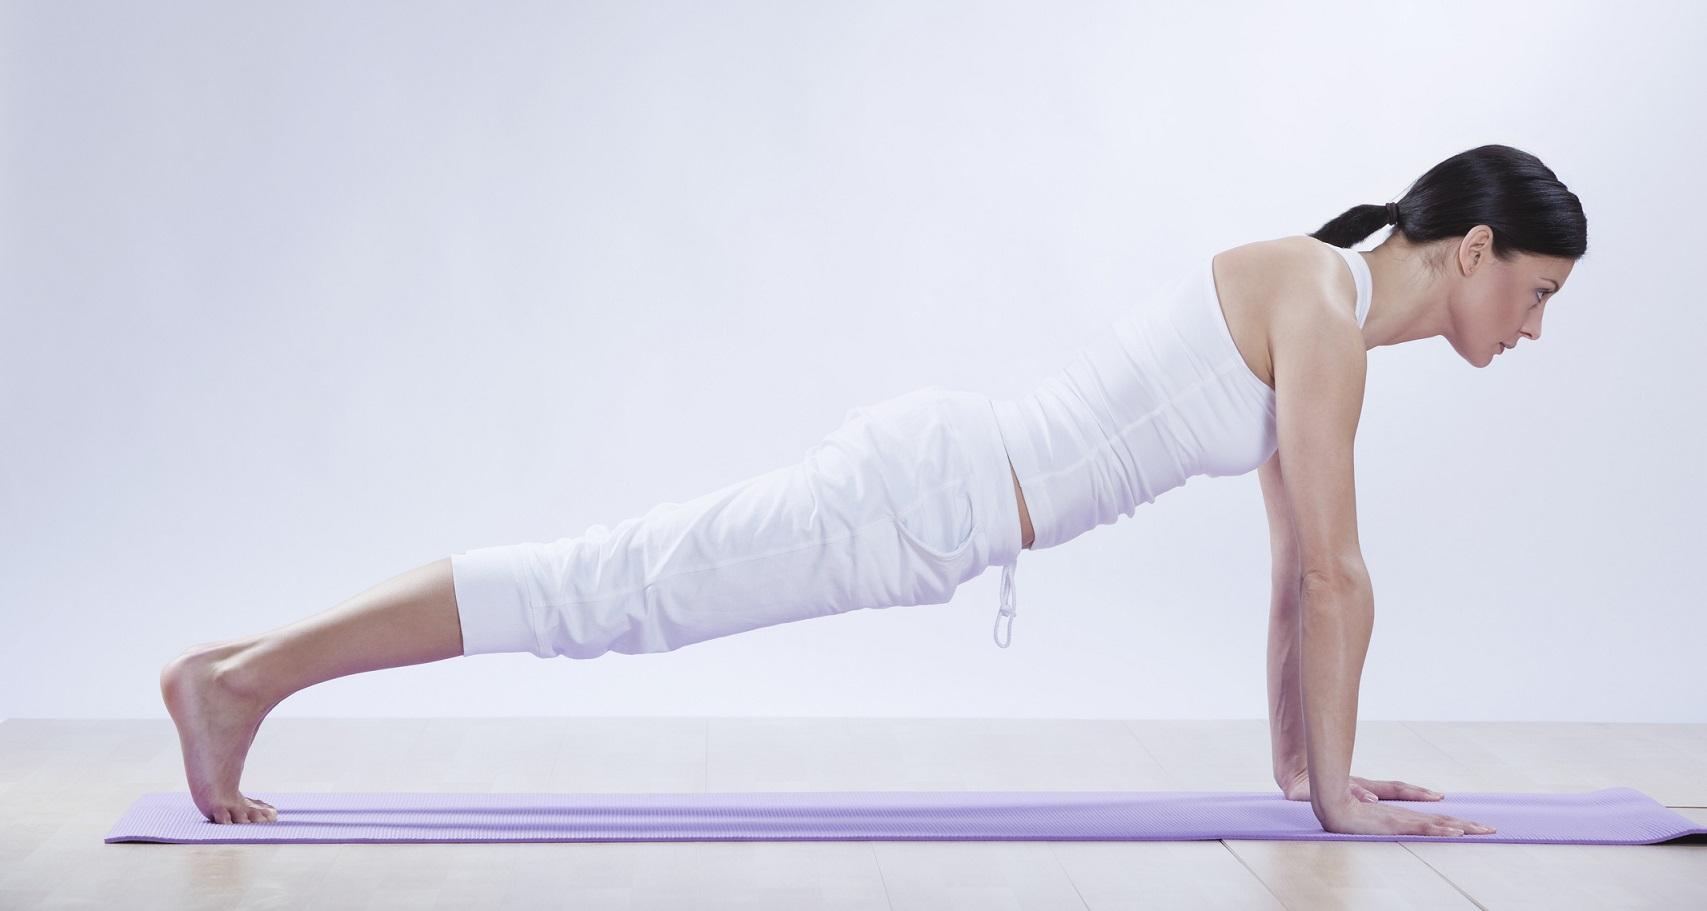 「体幹トレーニング」を徹底解説。体幹ってどこ?鍛えるメリットは?初心者向けメニューと効果を高めるコツ